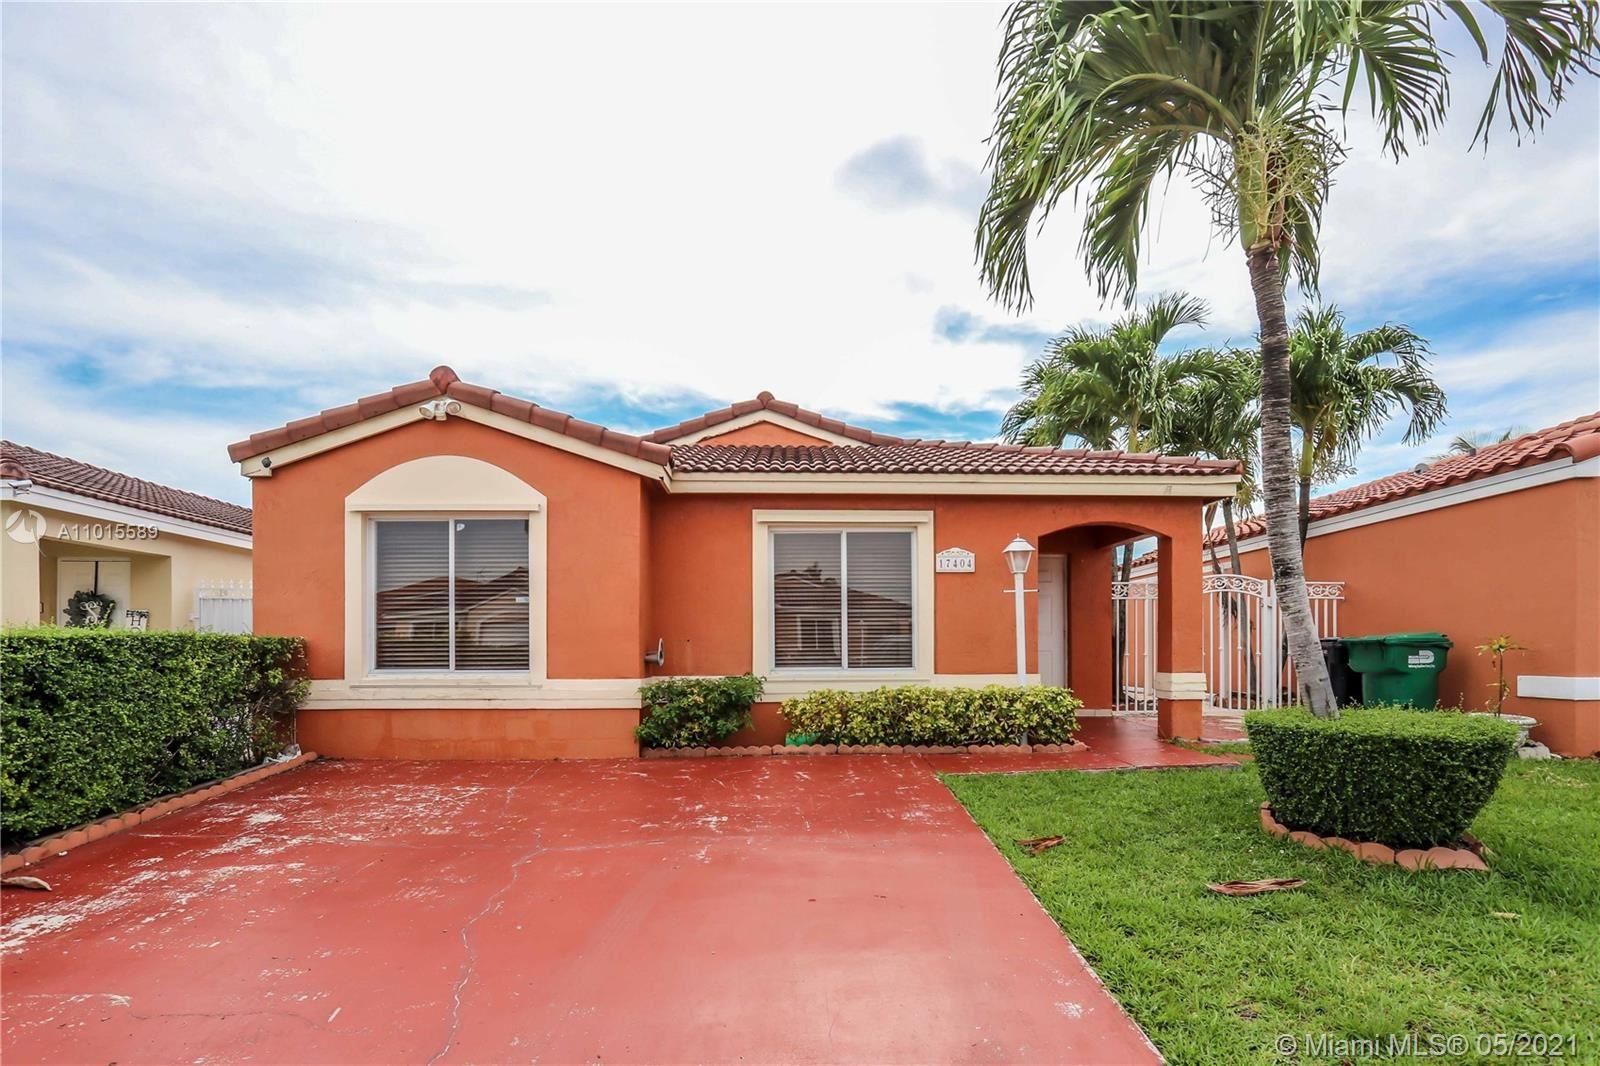 17404 SW 142nd Pl, Miami, FL 33177 - #: A11015589